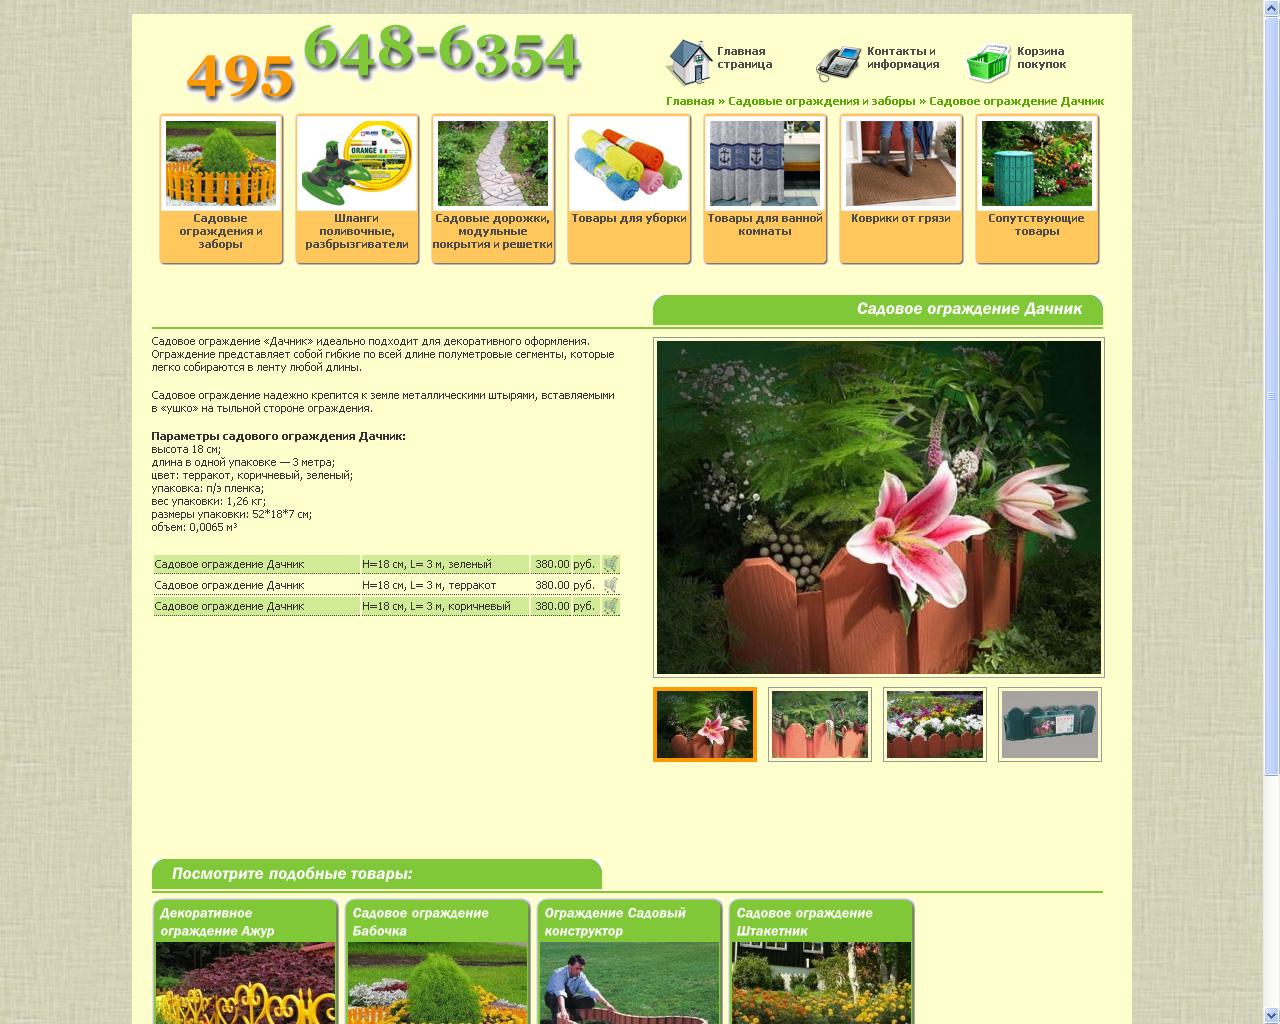 264060e92ce54 Интернет-магазин товаров для дачи, сада, огорода - Фрилансер ...